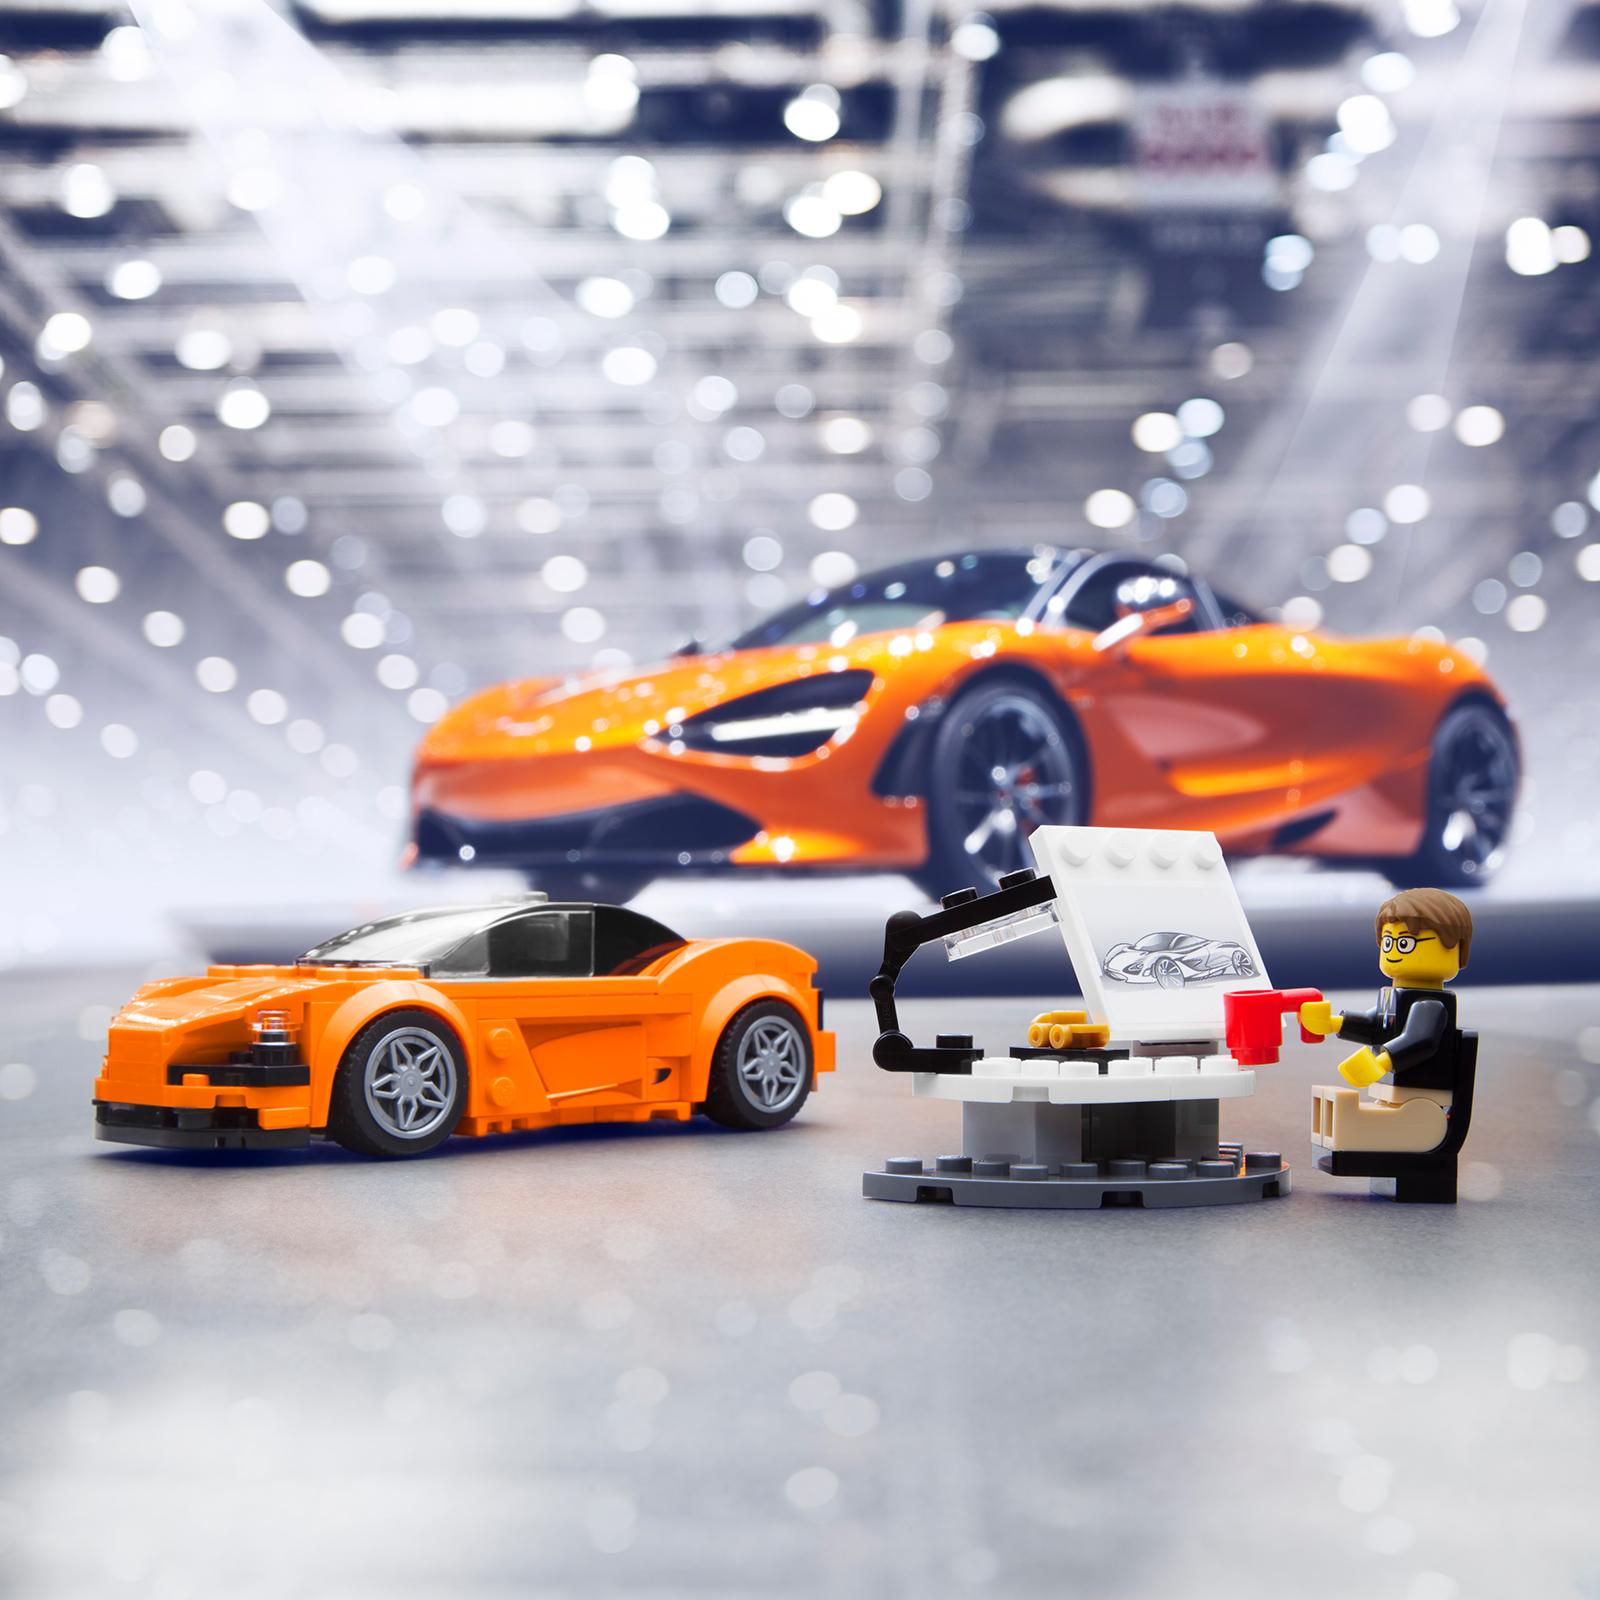 Essai ford mondeo vignale le billet auto passion automobile - Essai Ford Mondeo Vignale Le Billet Auto Passion Automobile 39